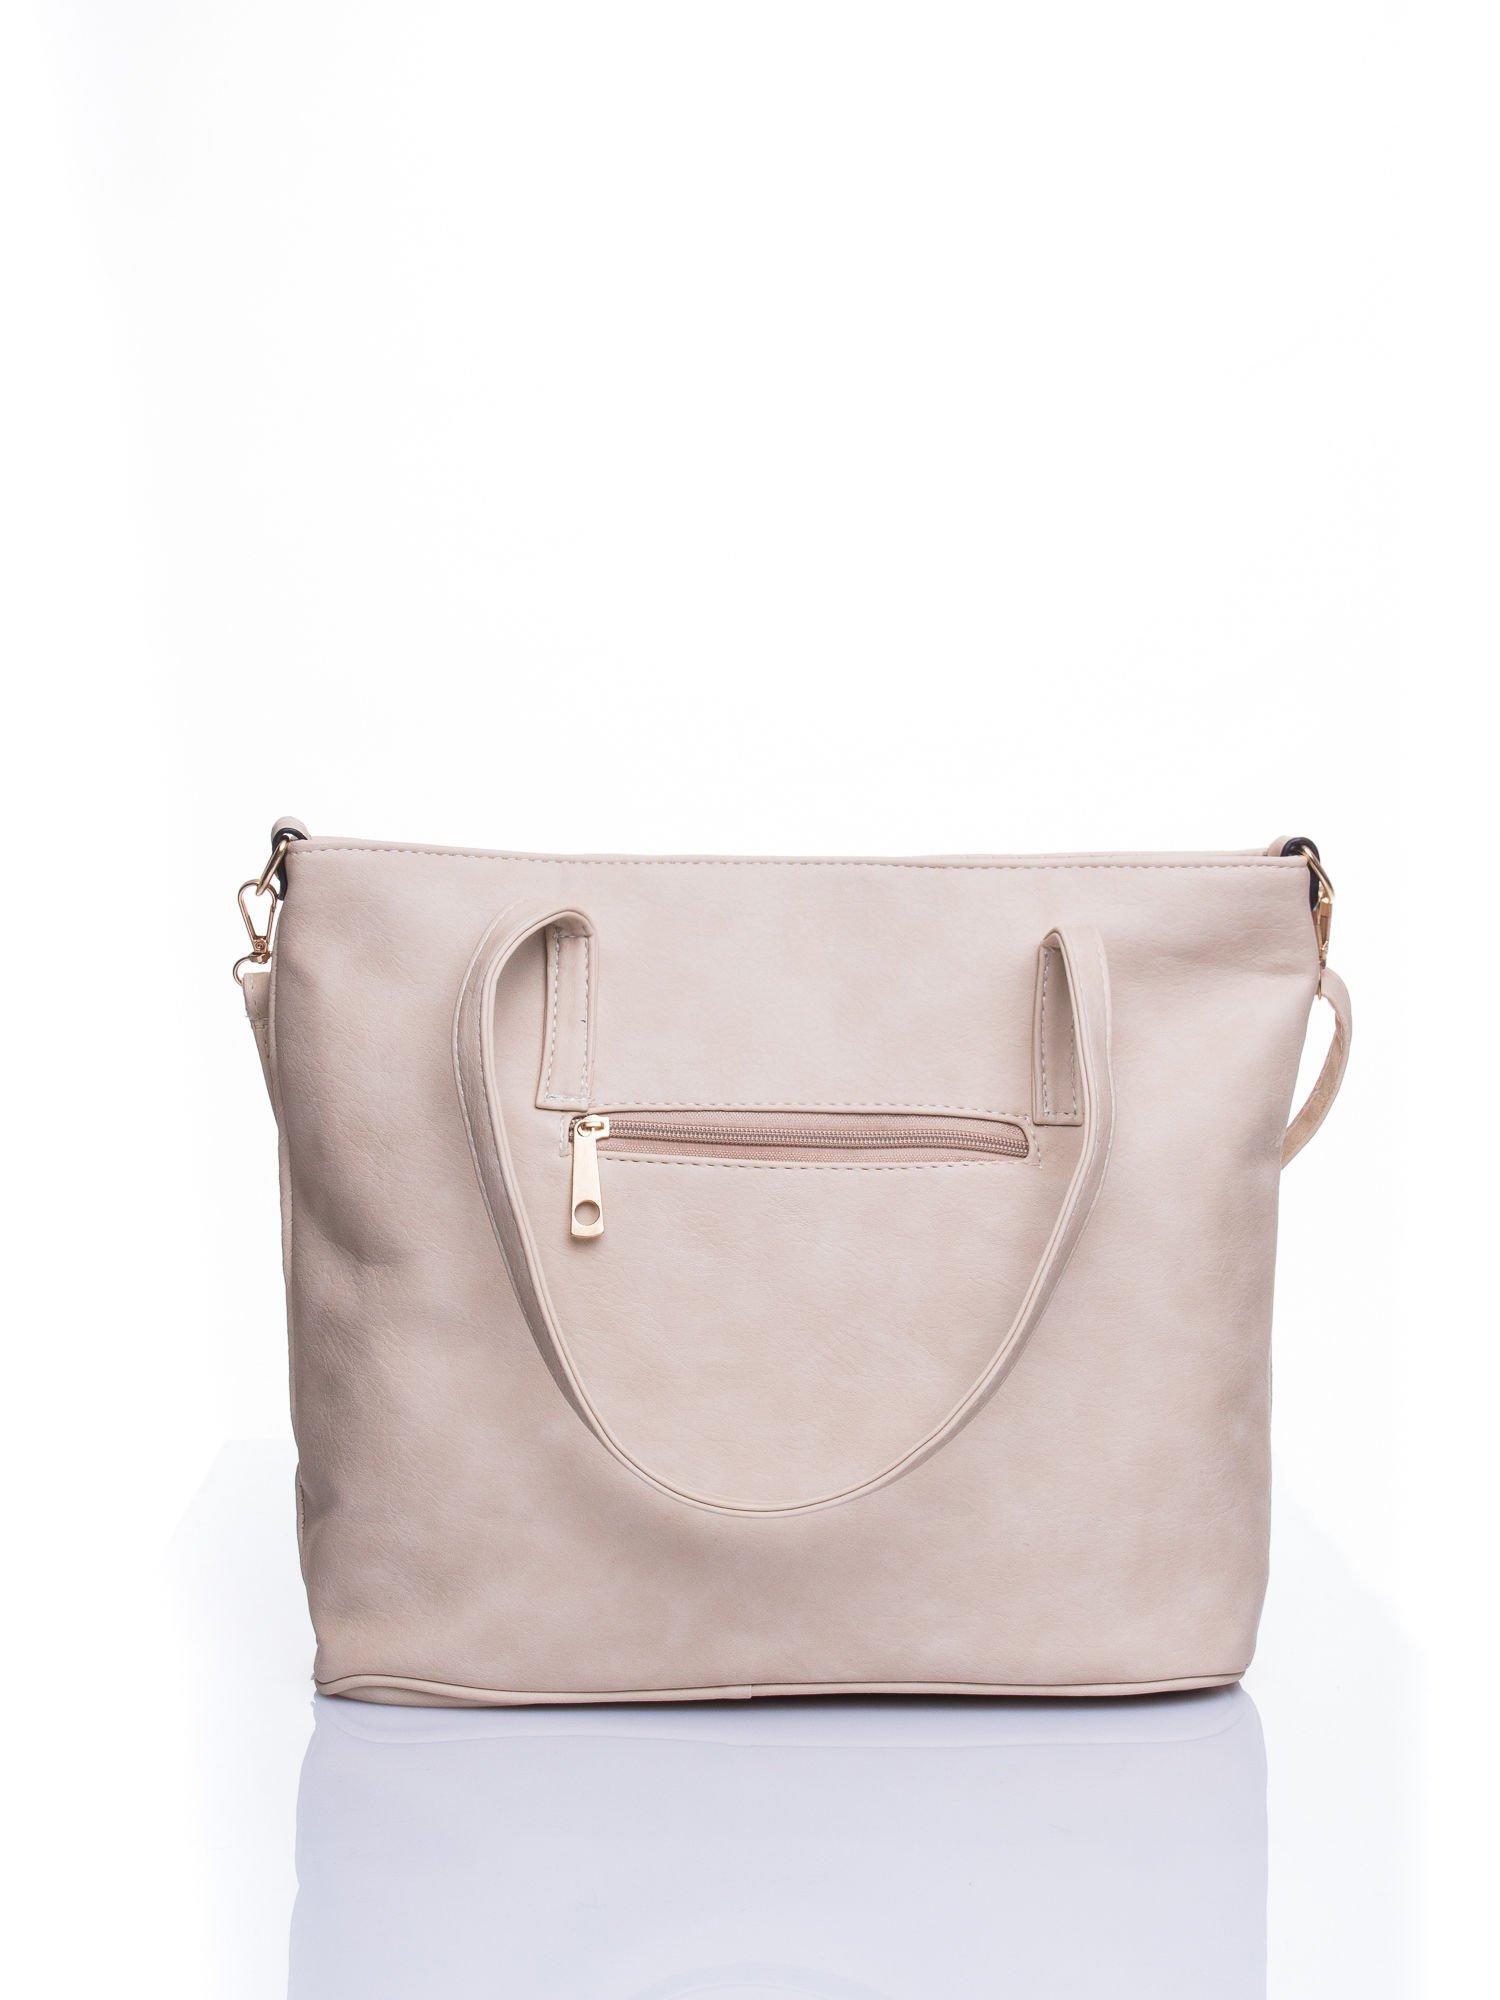 Kremowa fakturowana torba shopper bag                                  zdj.                                  3